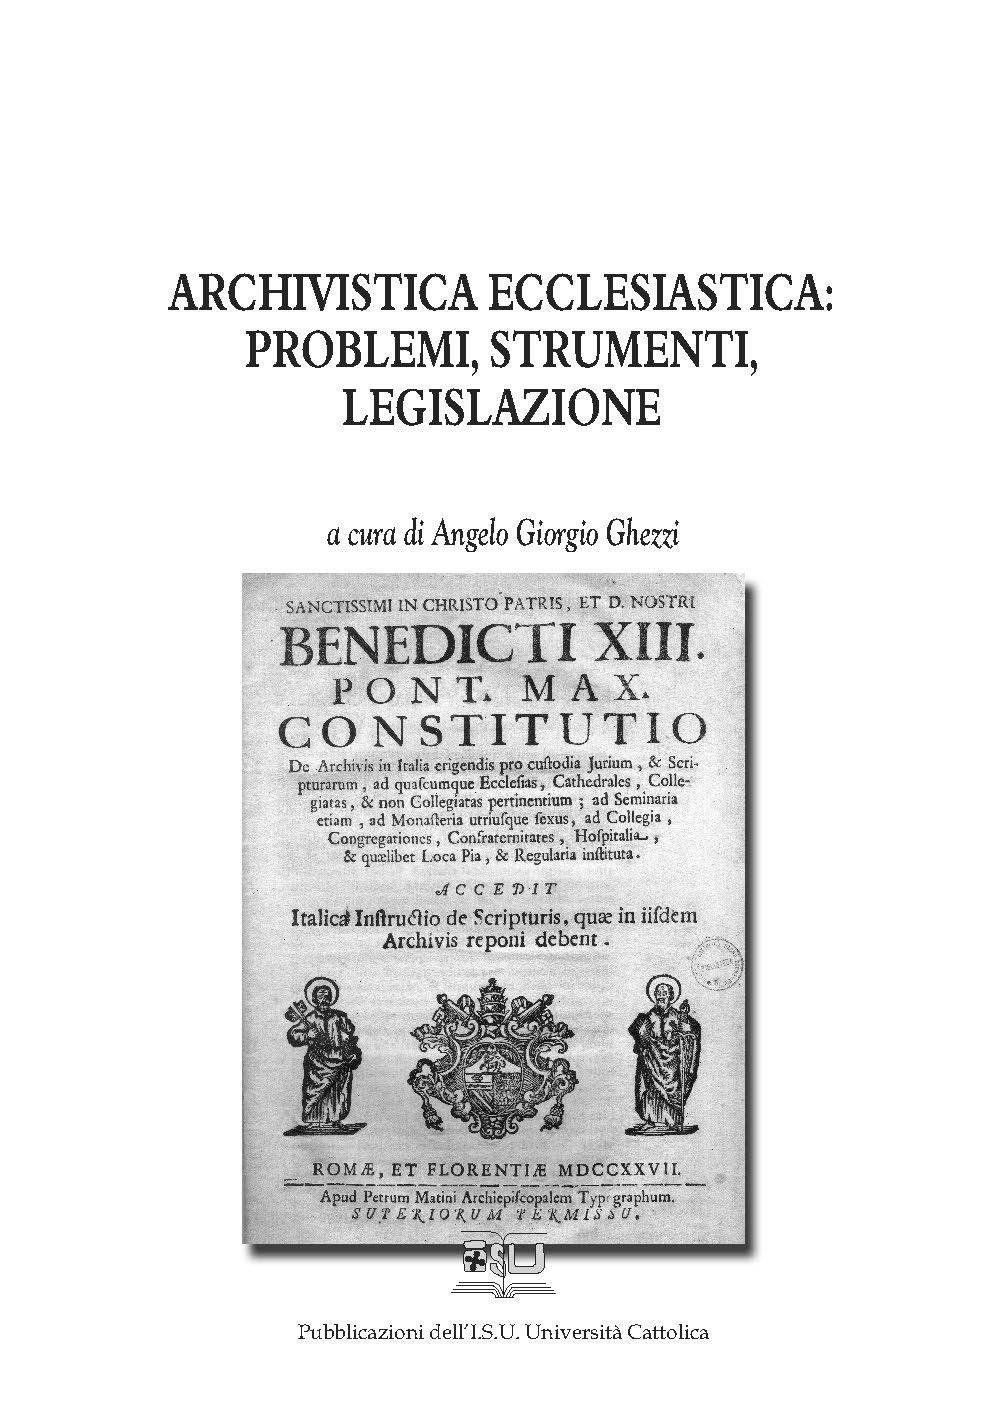 ARCHIVISTICA ECCLESIASTICA: PROBLEMI, STRUMENTI, LEGISLAZIONE